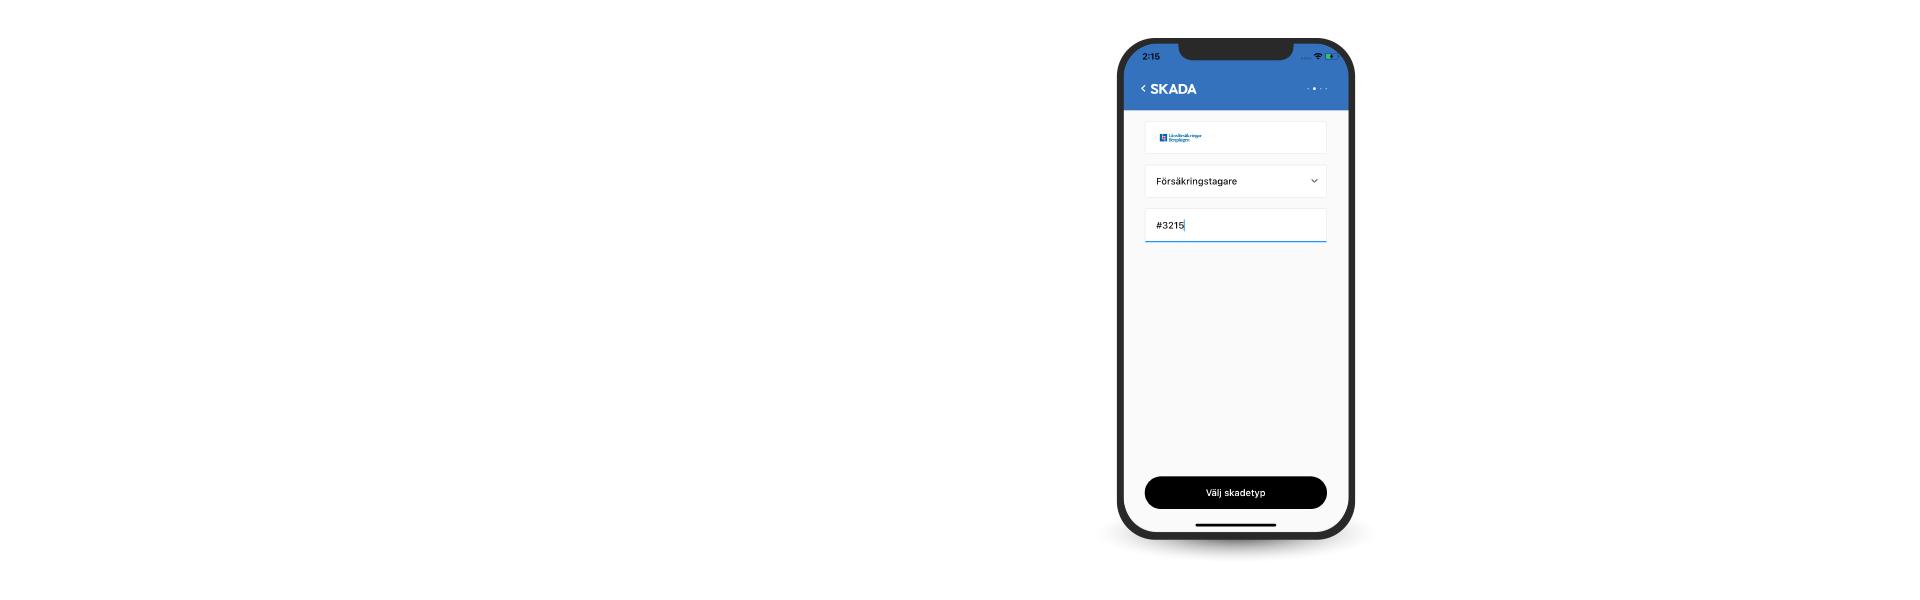 app-slide-3